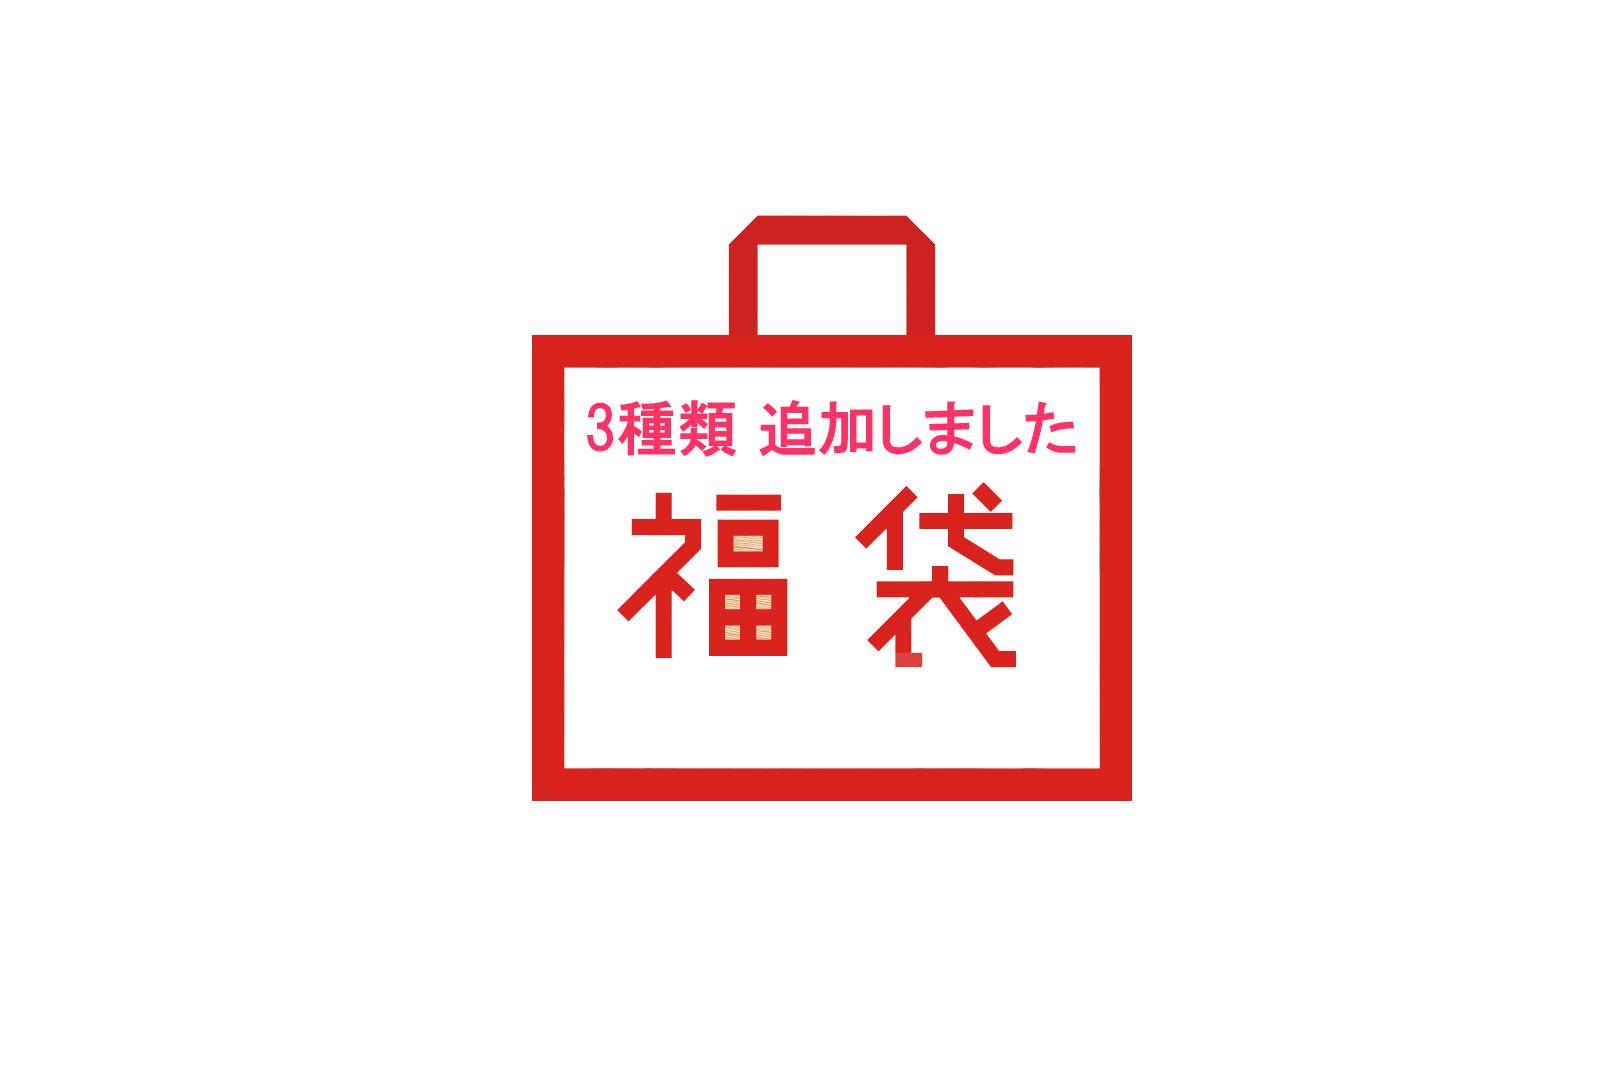 福袋の先行予約特典は25日迄・【新しく3種類を追加】